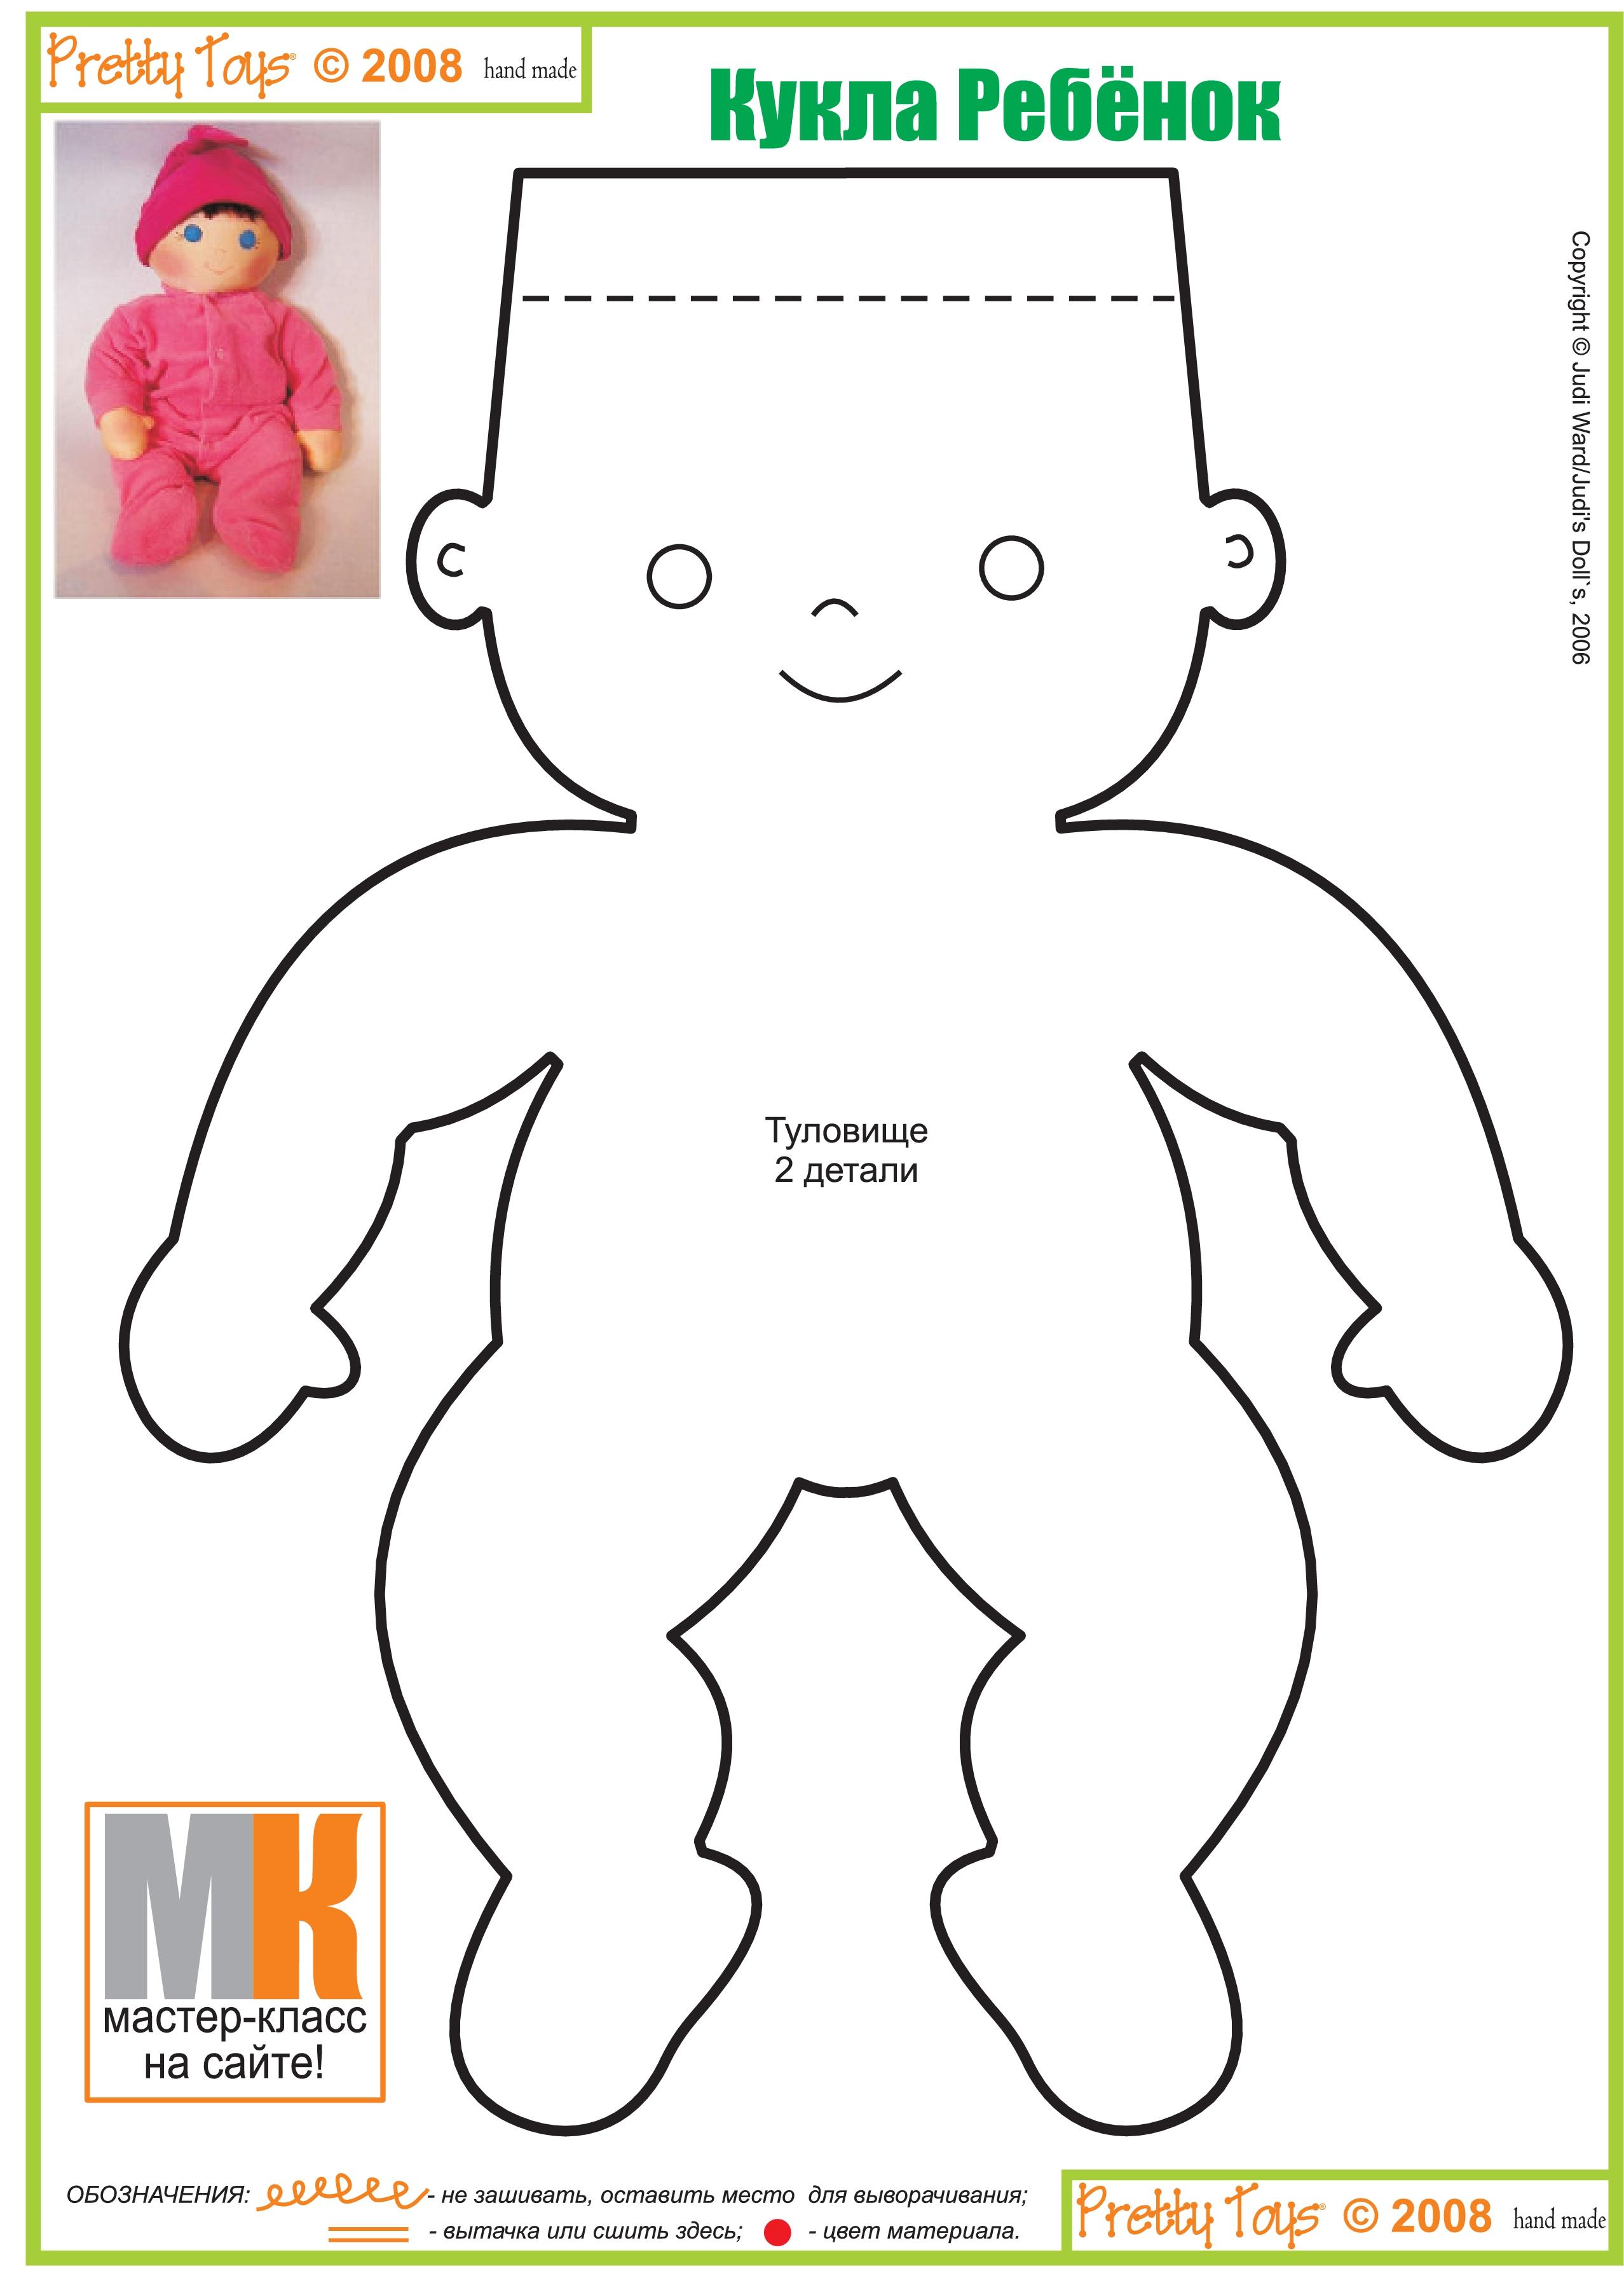 Кукла для начинающих с пошаговым описанием из ткани